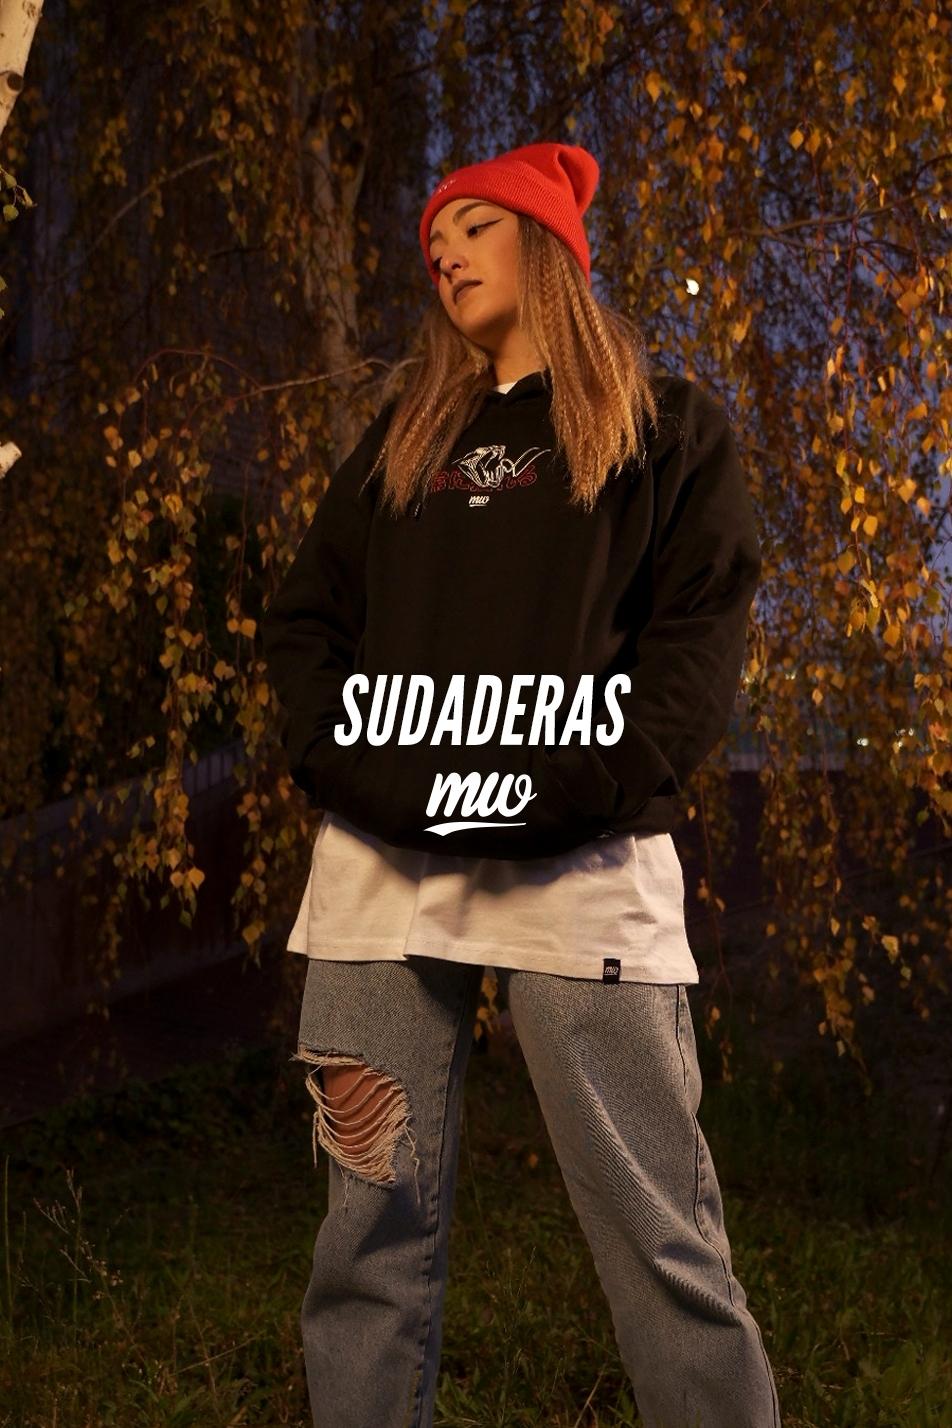 - SUDADERAS